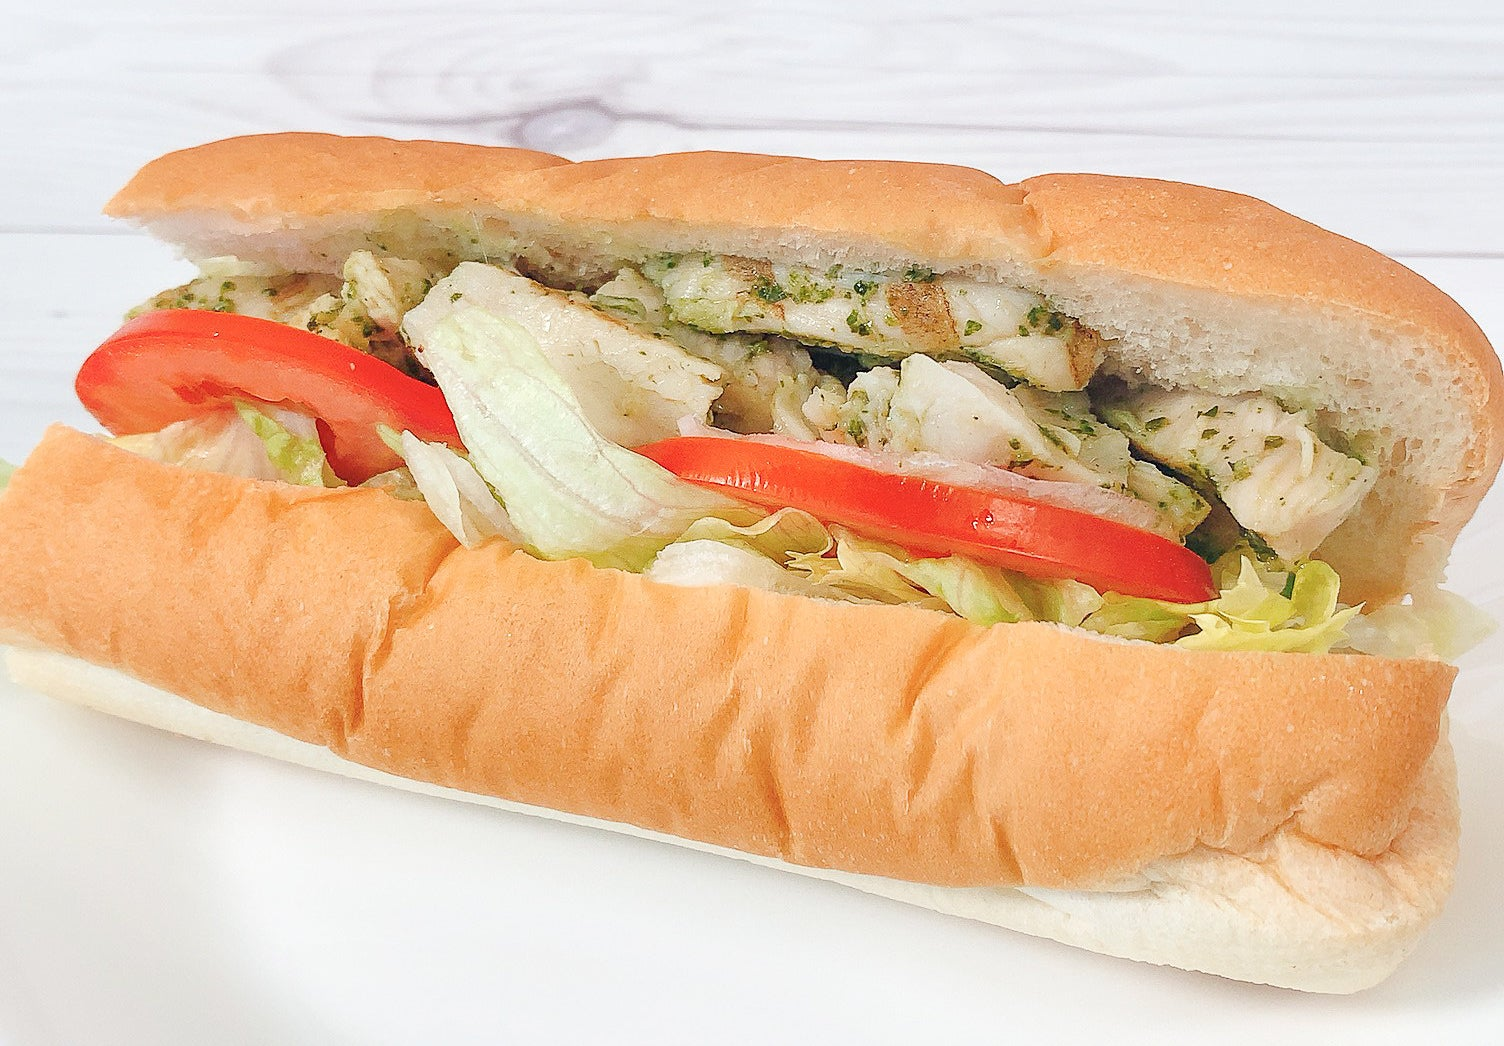 フレッシュな野菜がたくさん入ったサンドイッチが大人気のサブウェイ。どのメニューもヘルシーなイメージですが、サラダチキンって意外と今までなかったですよね。